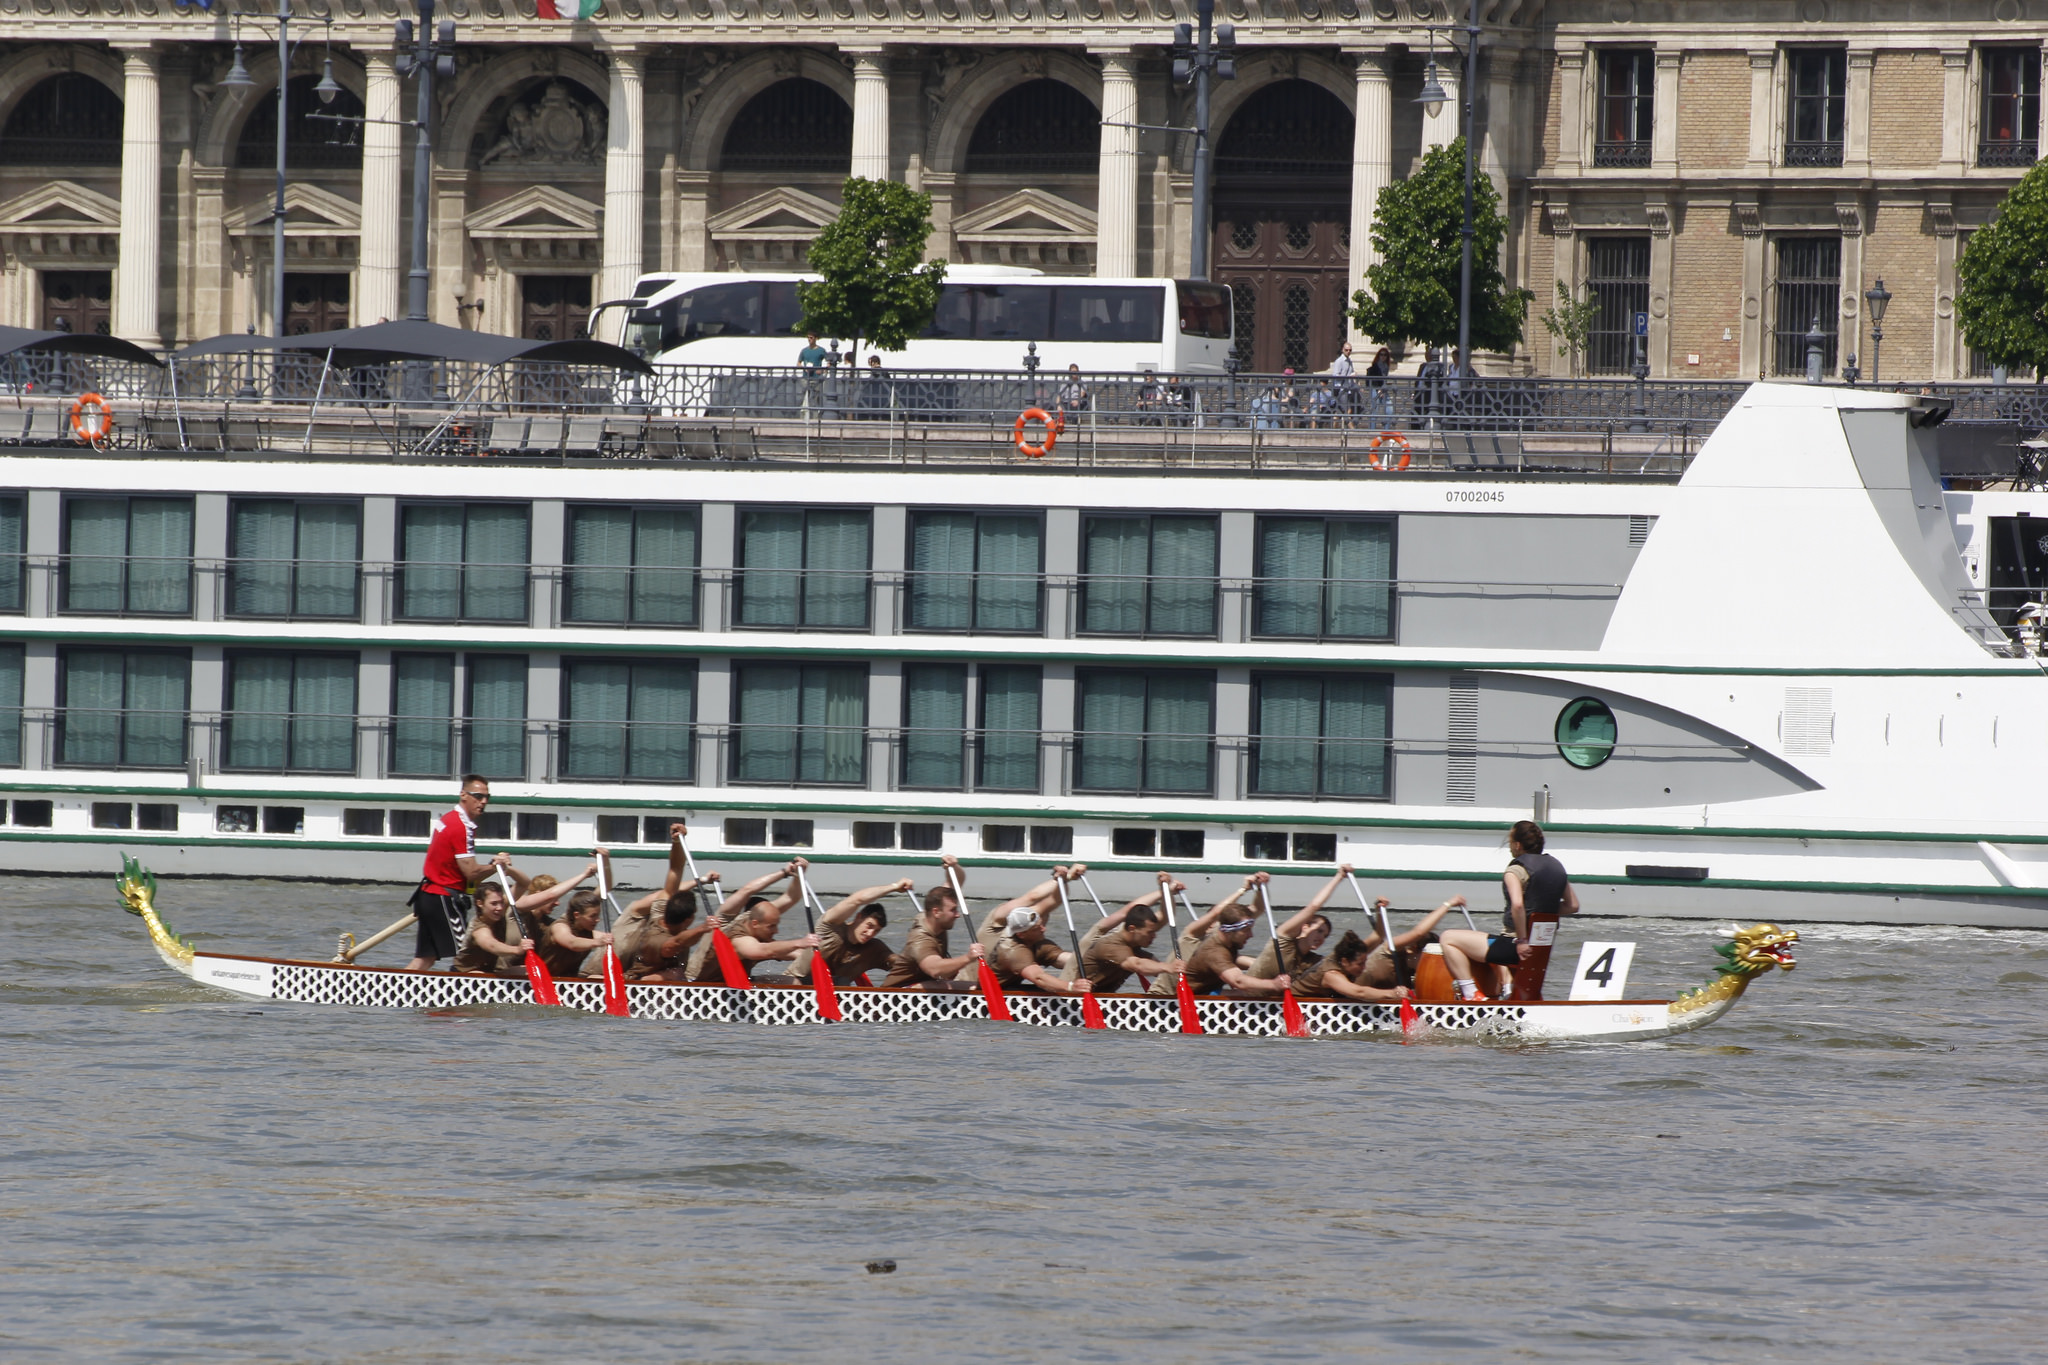 18 hajó versenyzett a sárkányhajós futamokon